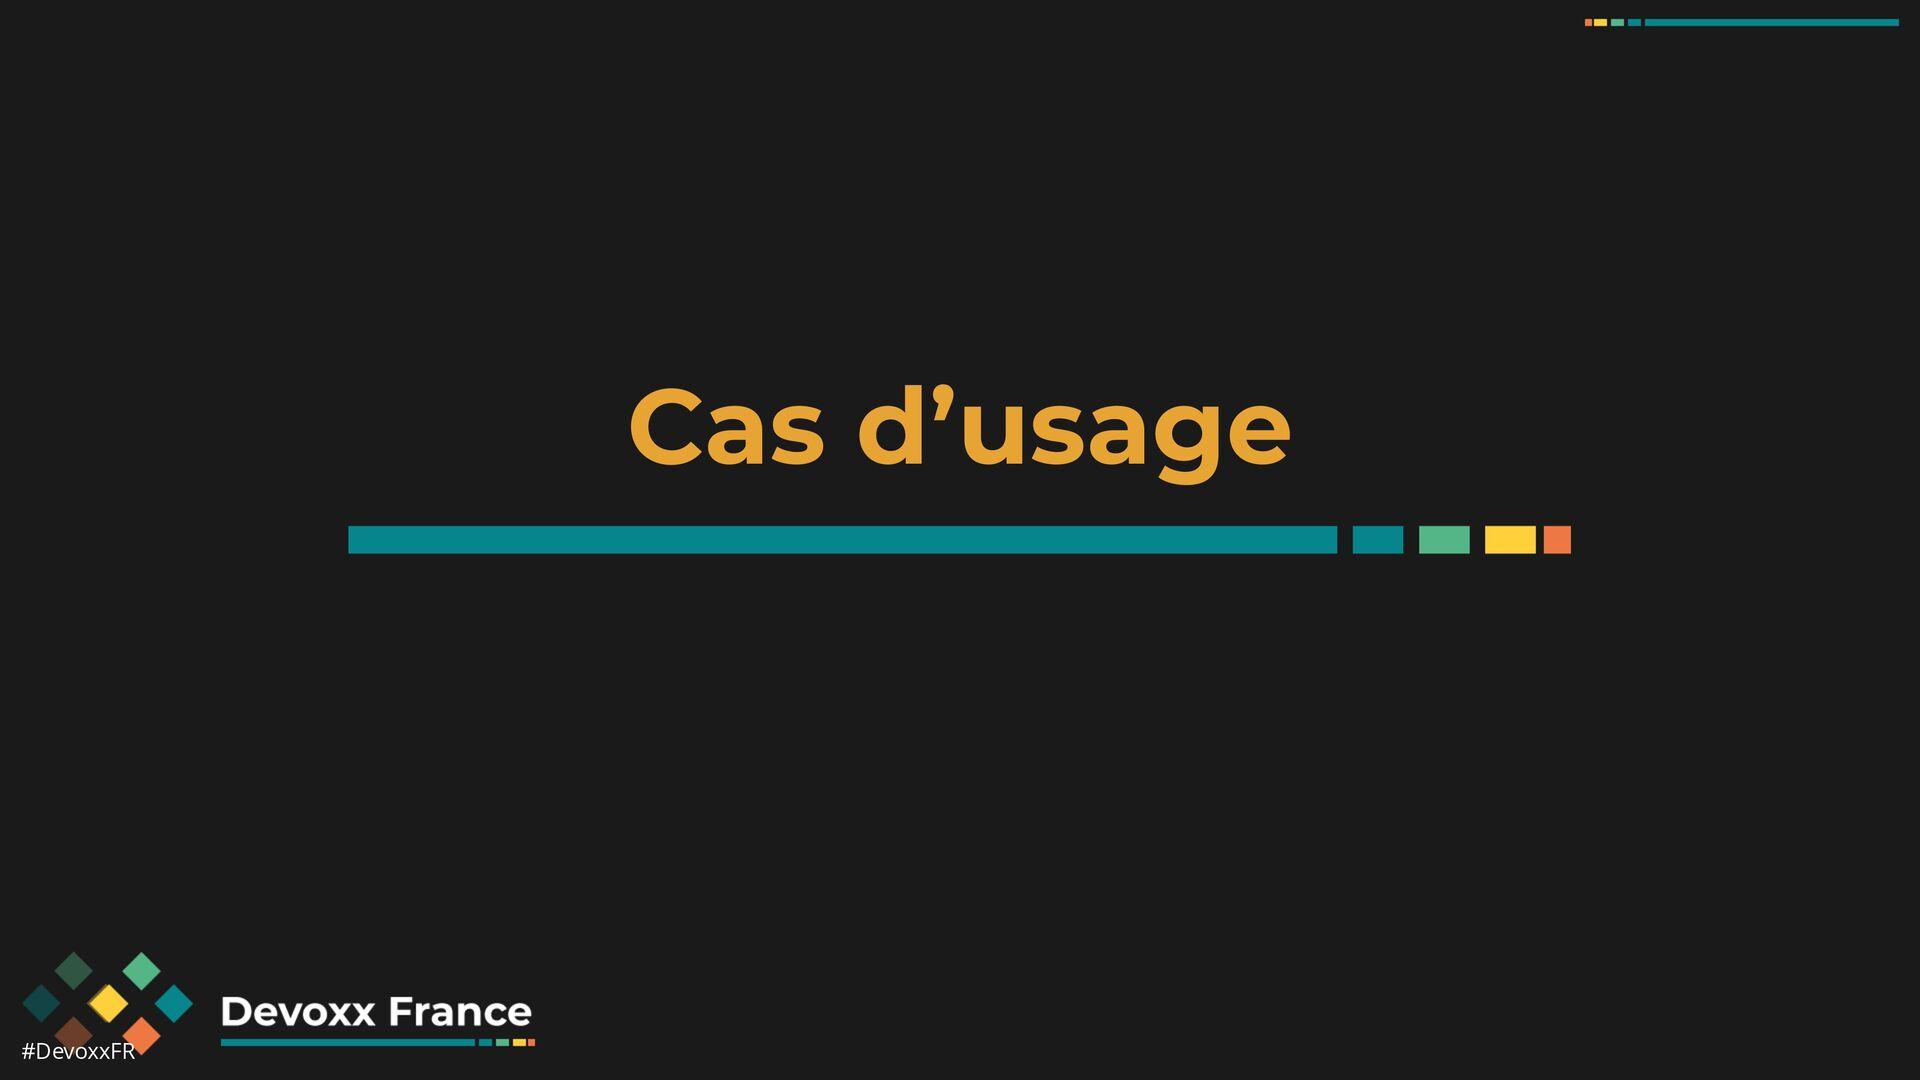 #DevoxxFR Cas d'usage